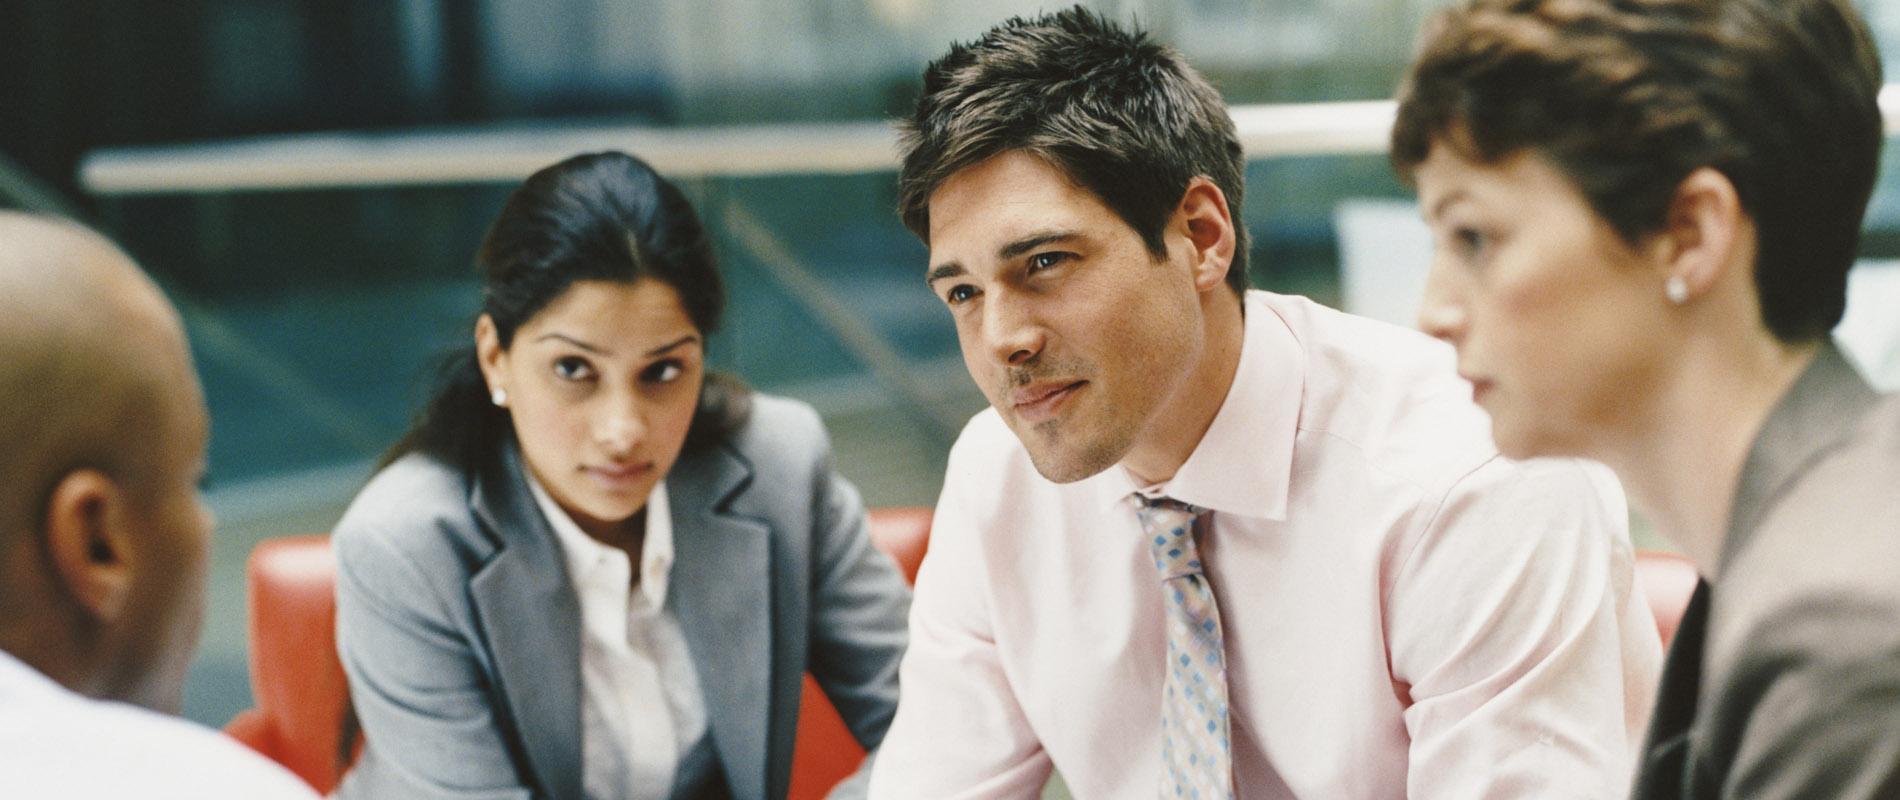 Pourquoi sortir avec votre patron est une mauvaise idée